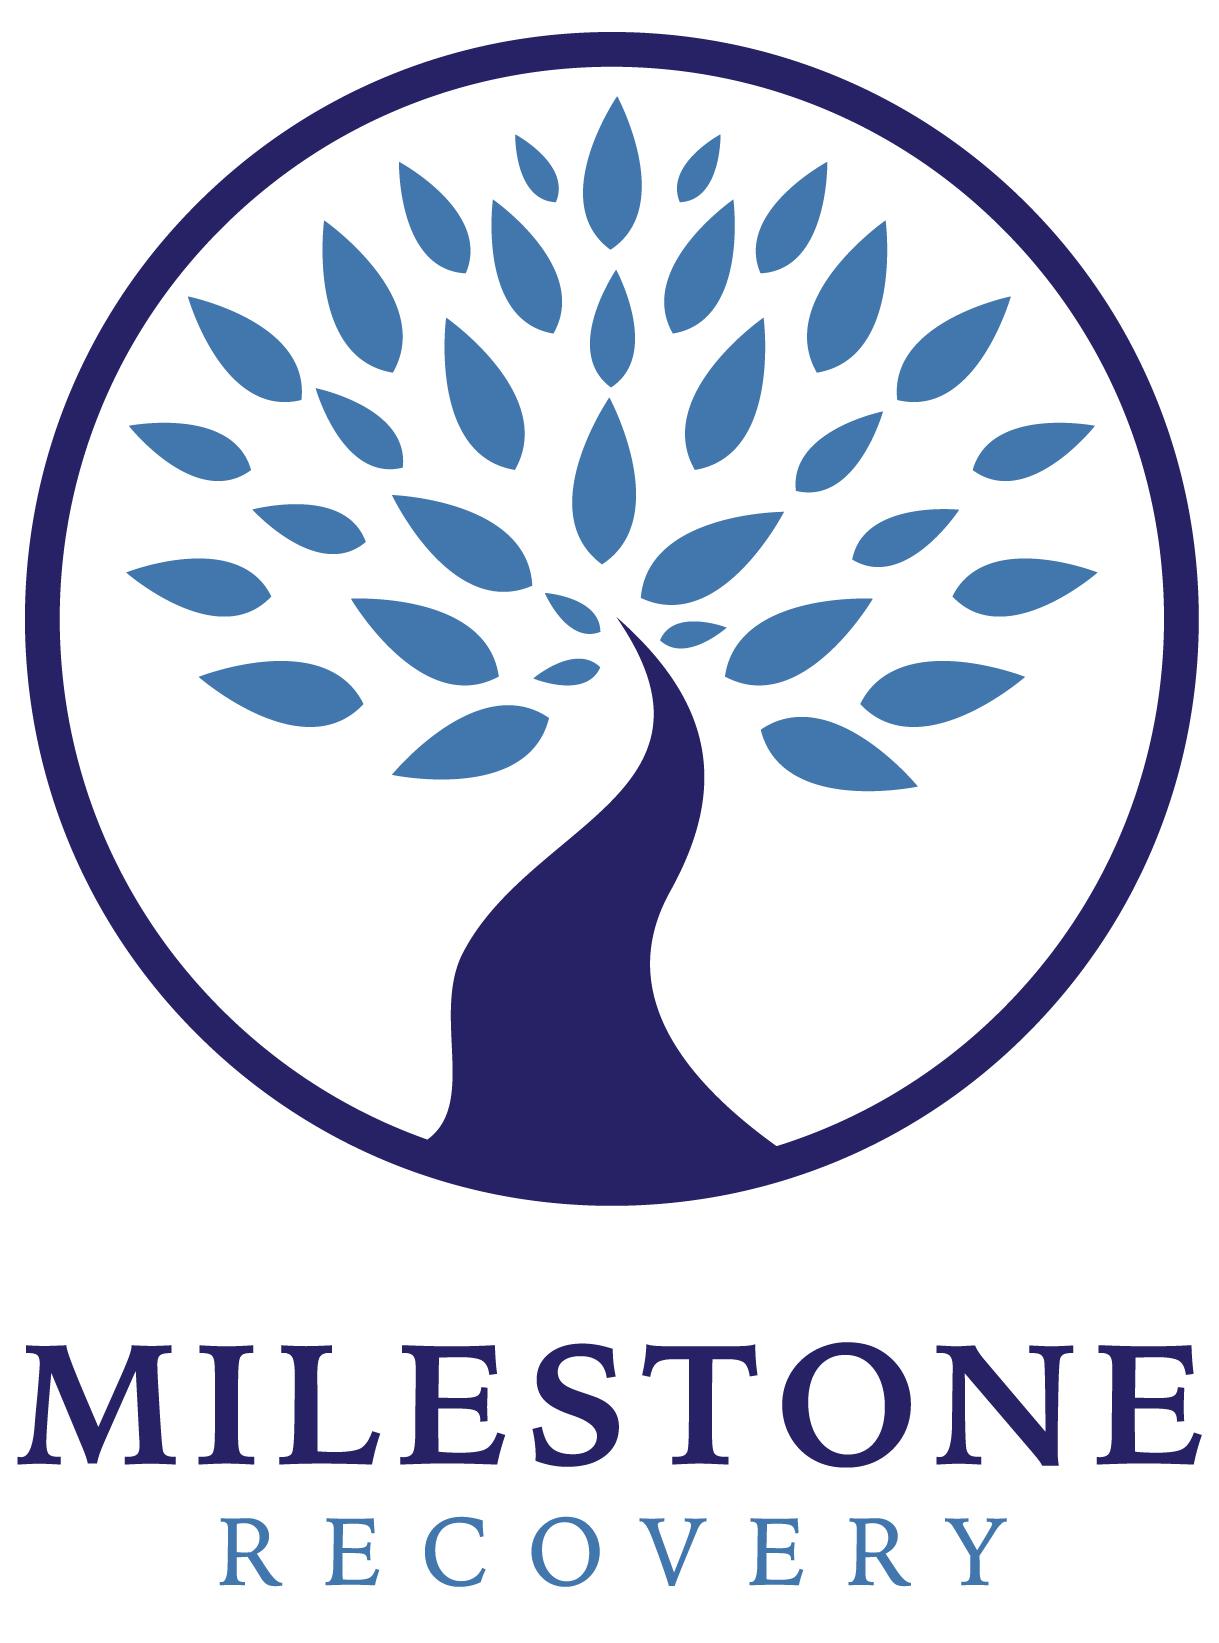 Milestone Recovery